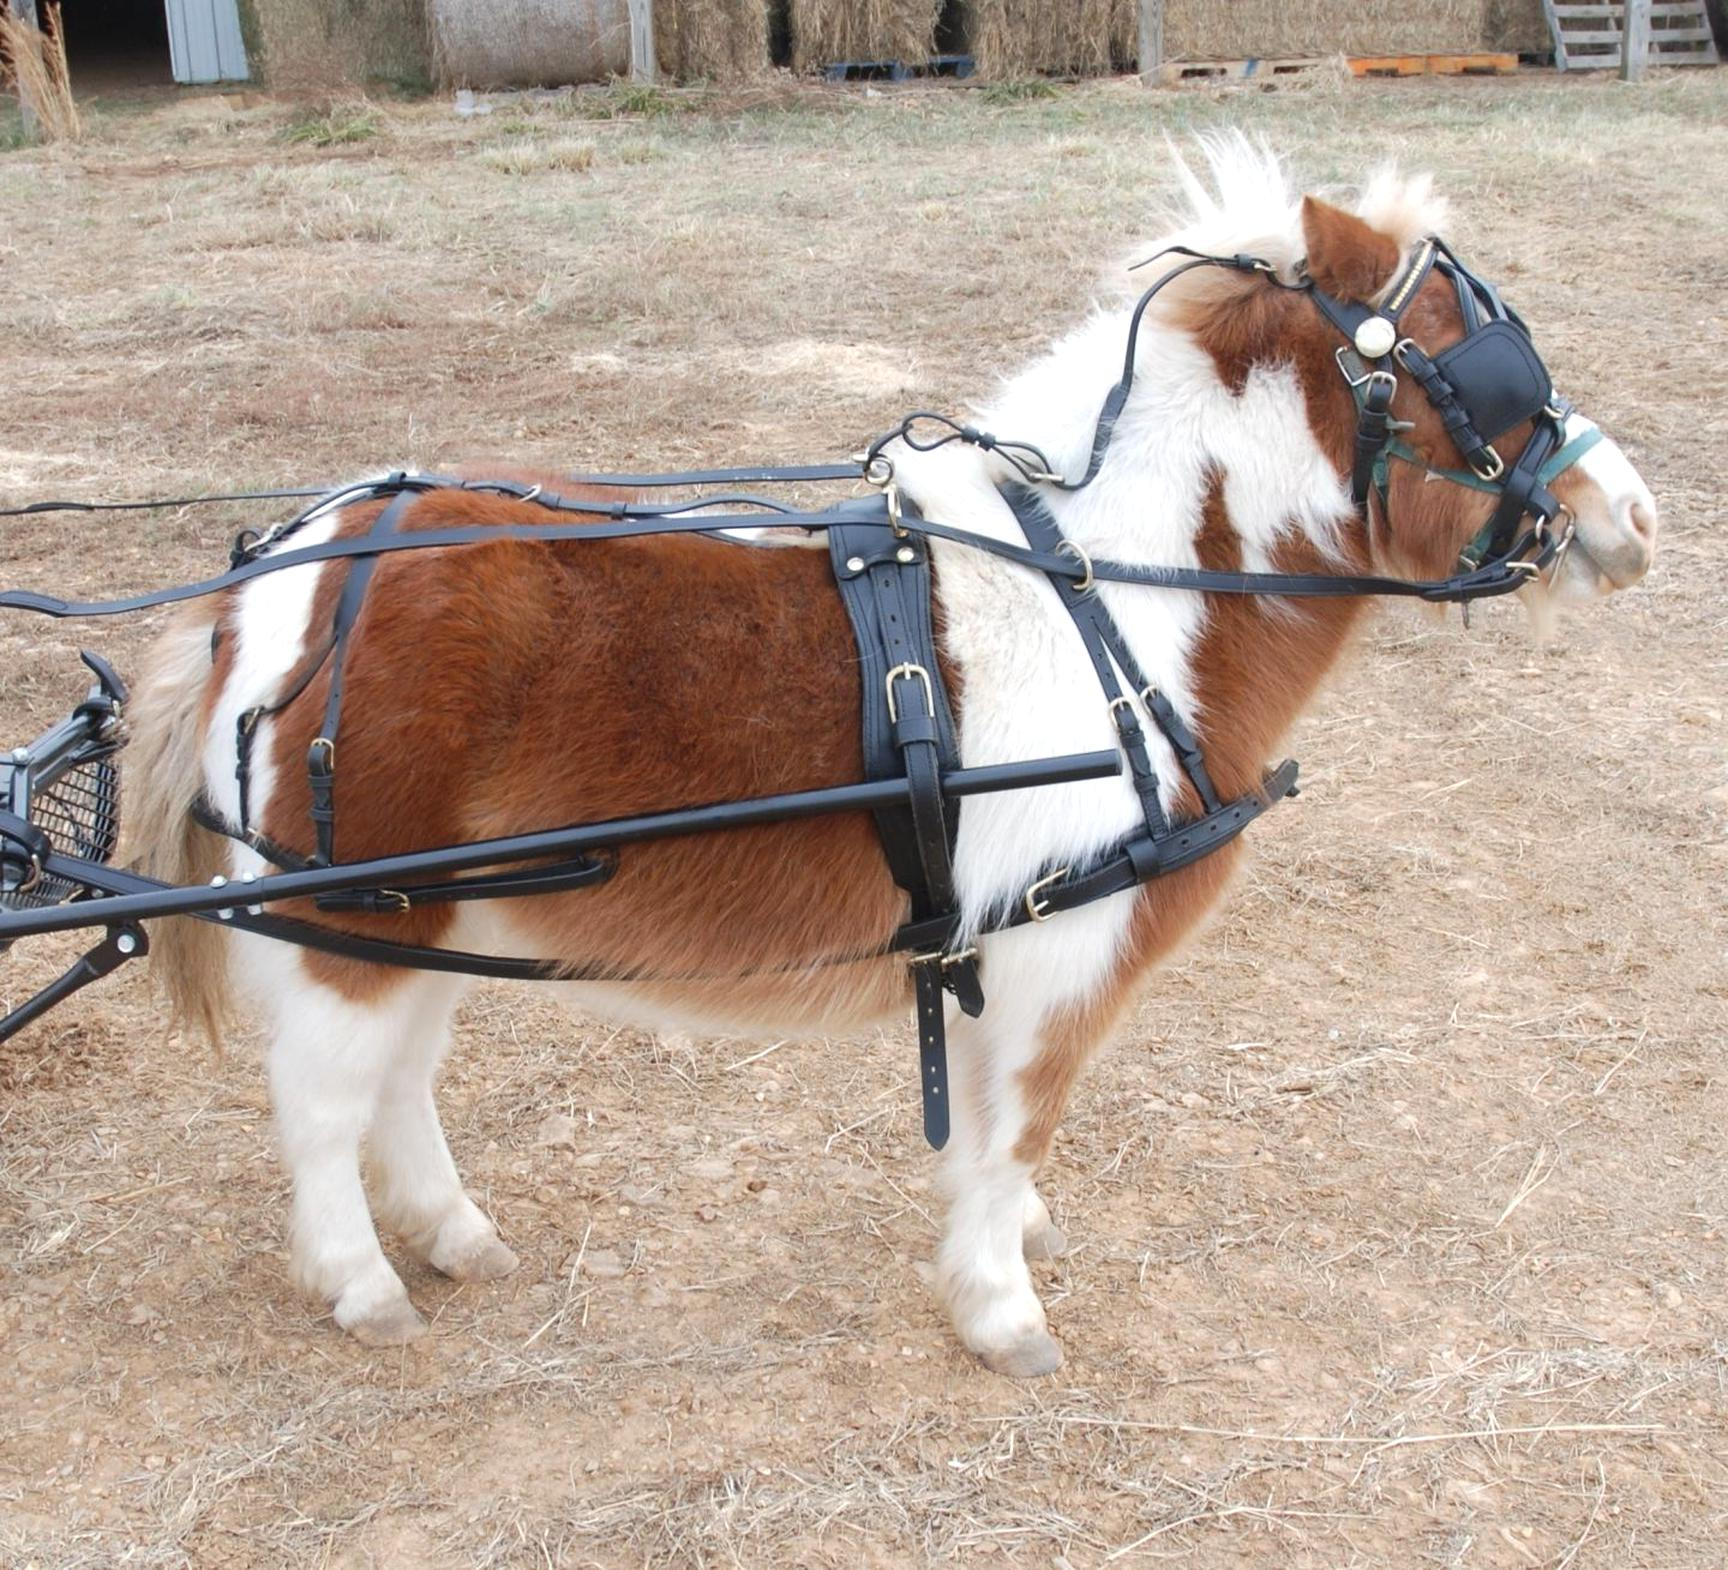 Miniature Saddle Tooled Leather 2 Seat Western Novelty